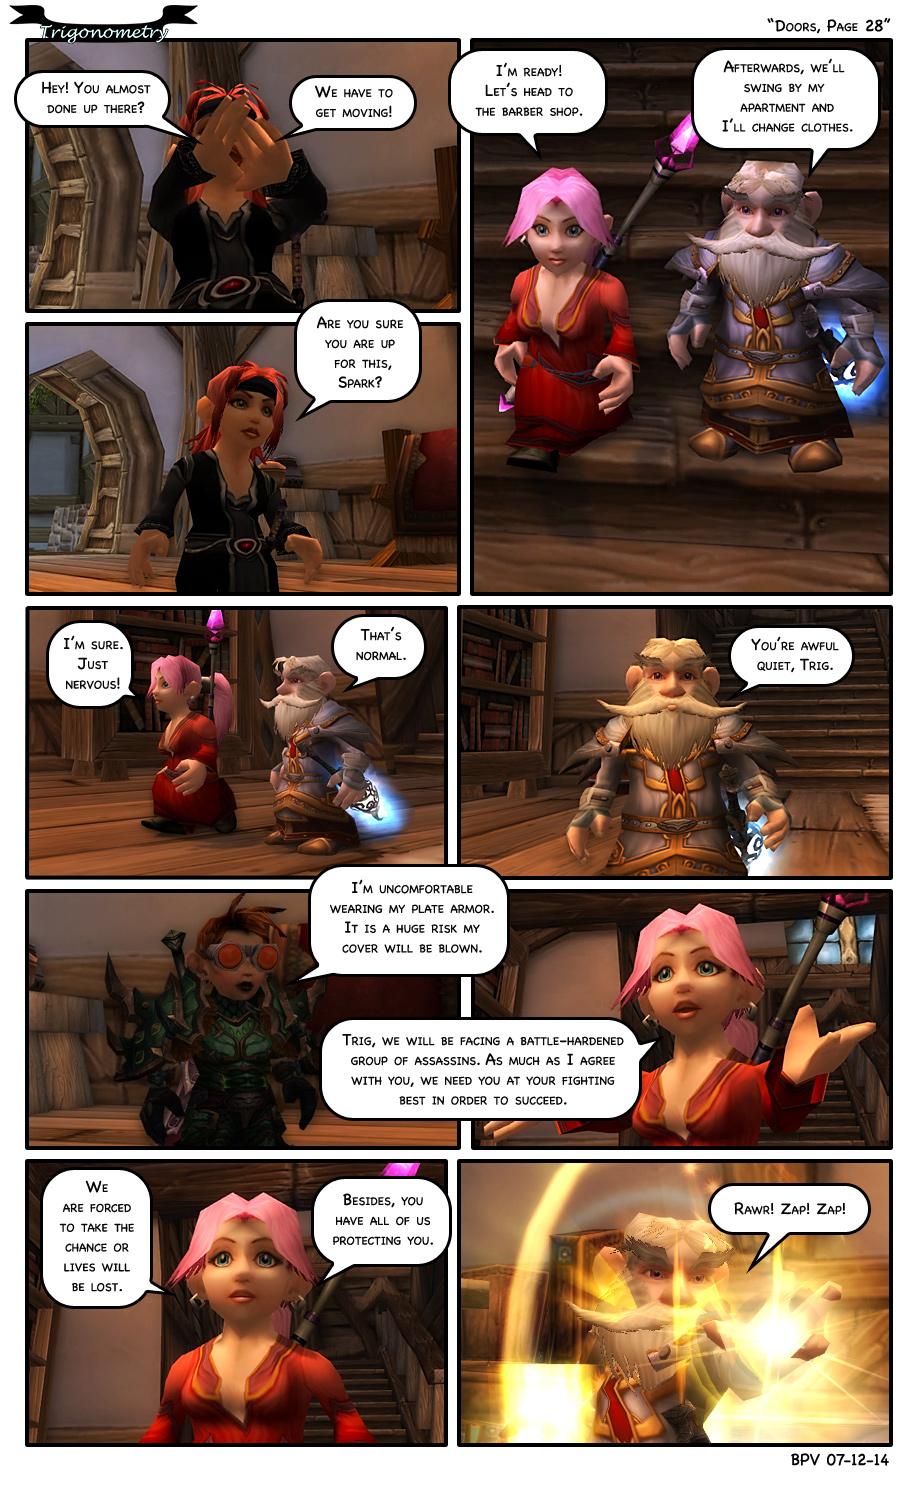 Doors, Page 28